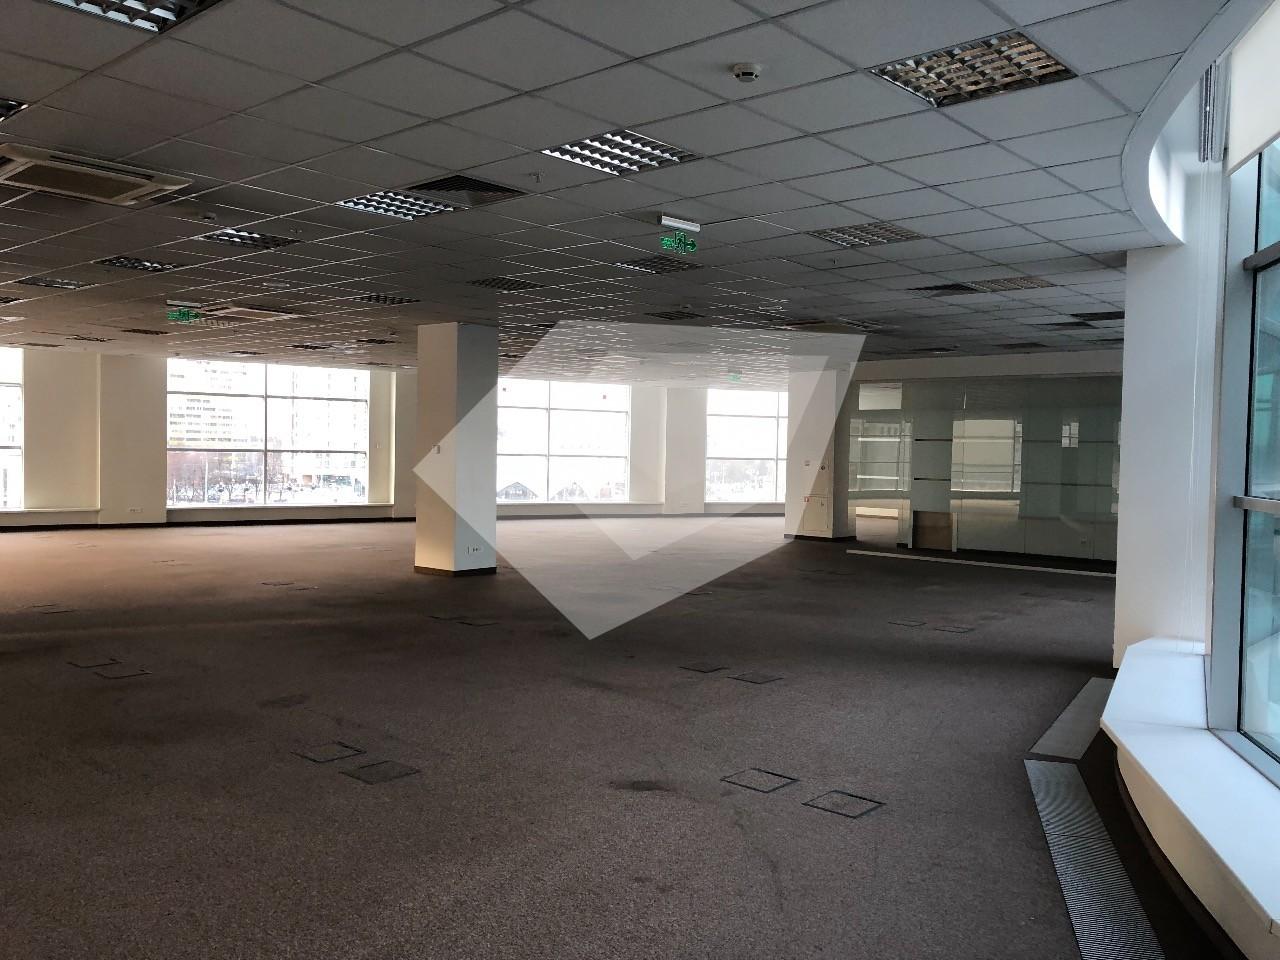 Аренда офиса в туле в центре аренда коммерческой недвижимости в городе обнинске